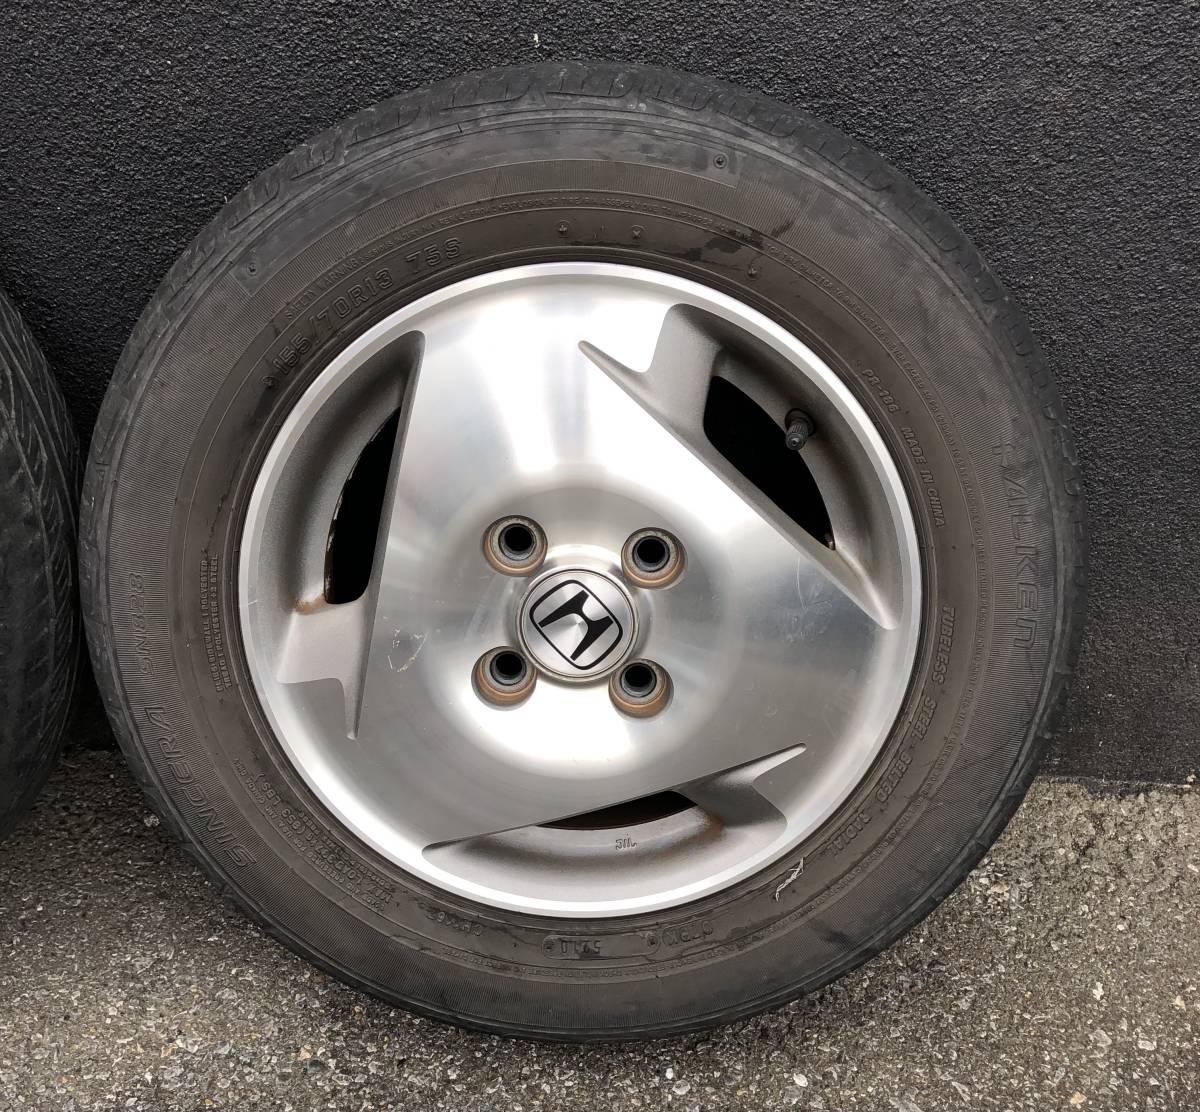 バモス ターボ Sパッケージ タイヤホイールセット 2本 155/70R13_画像3